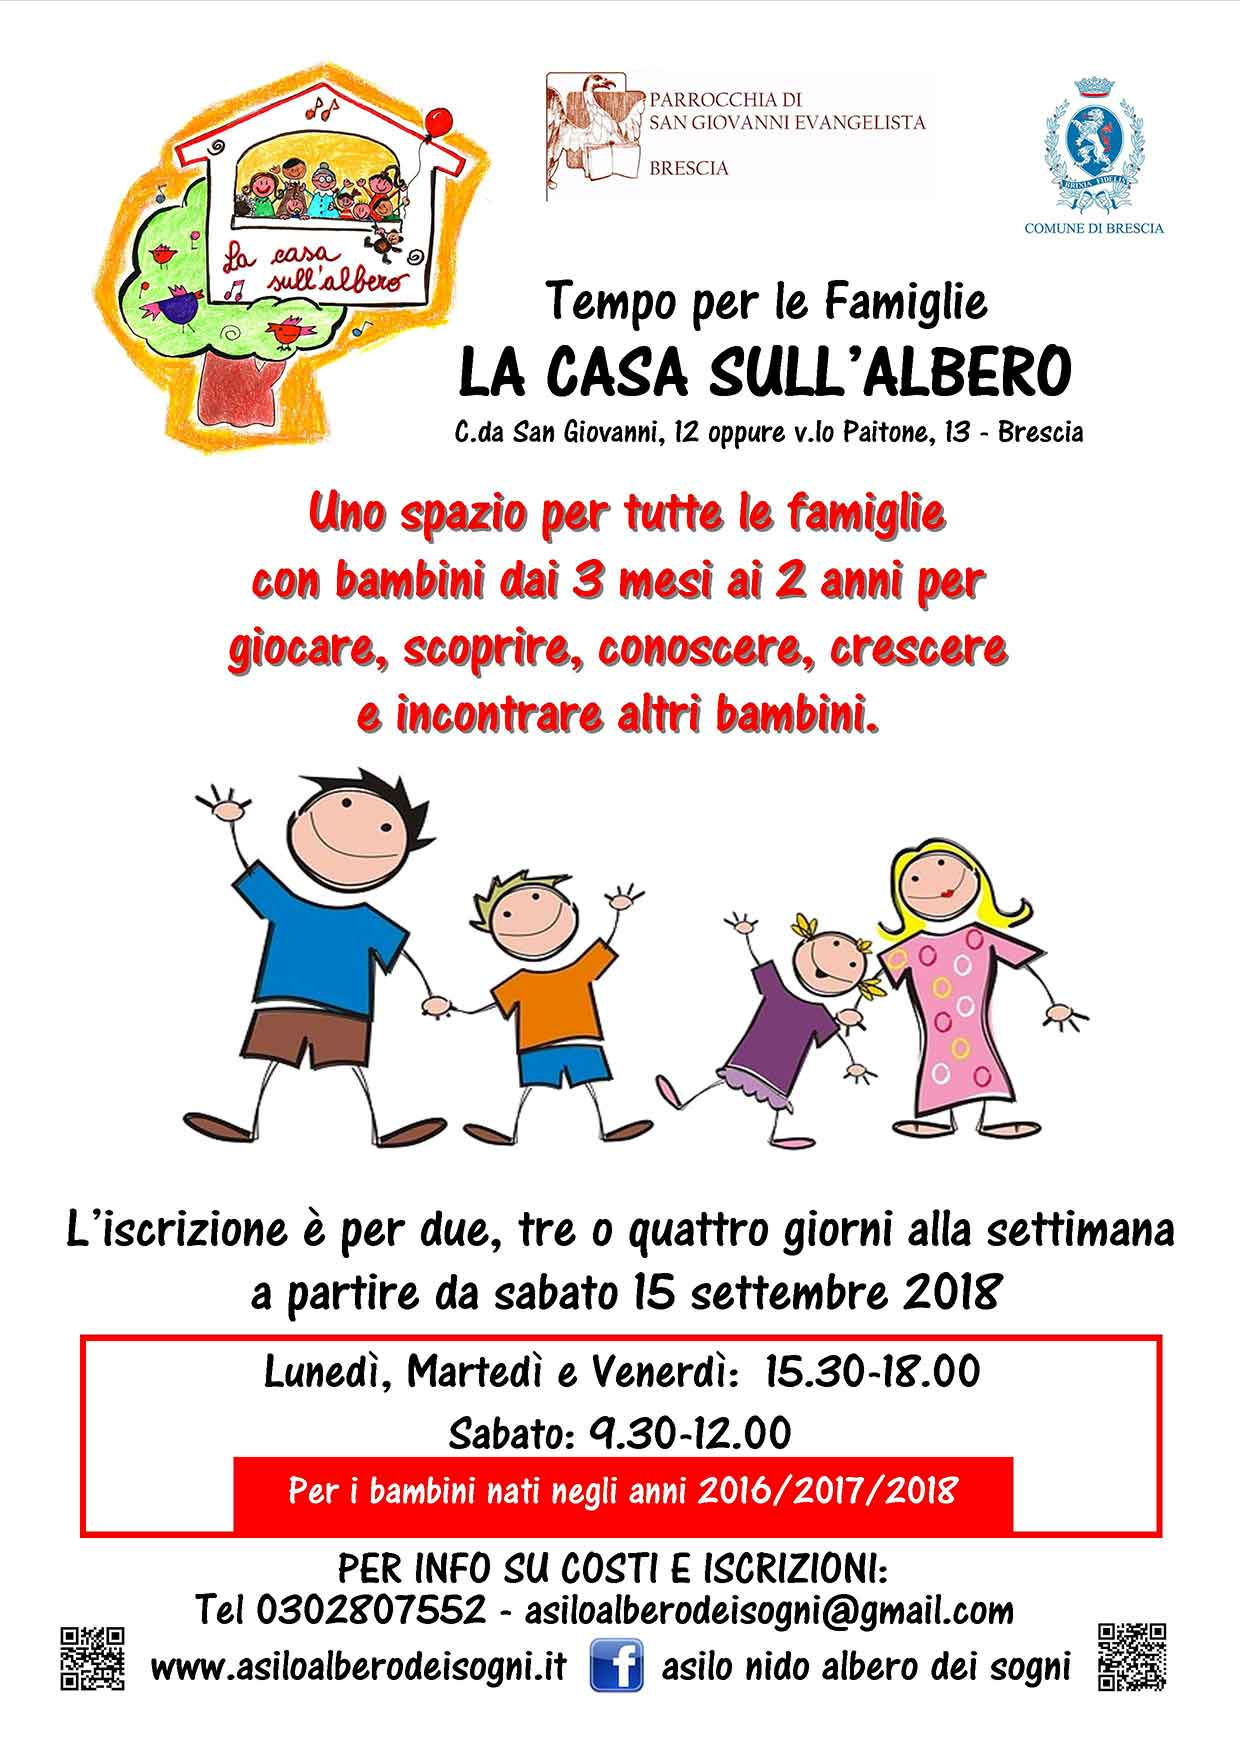 Tempo-per-famiglie-casa-albero-Brescia-2018-2019